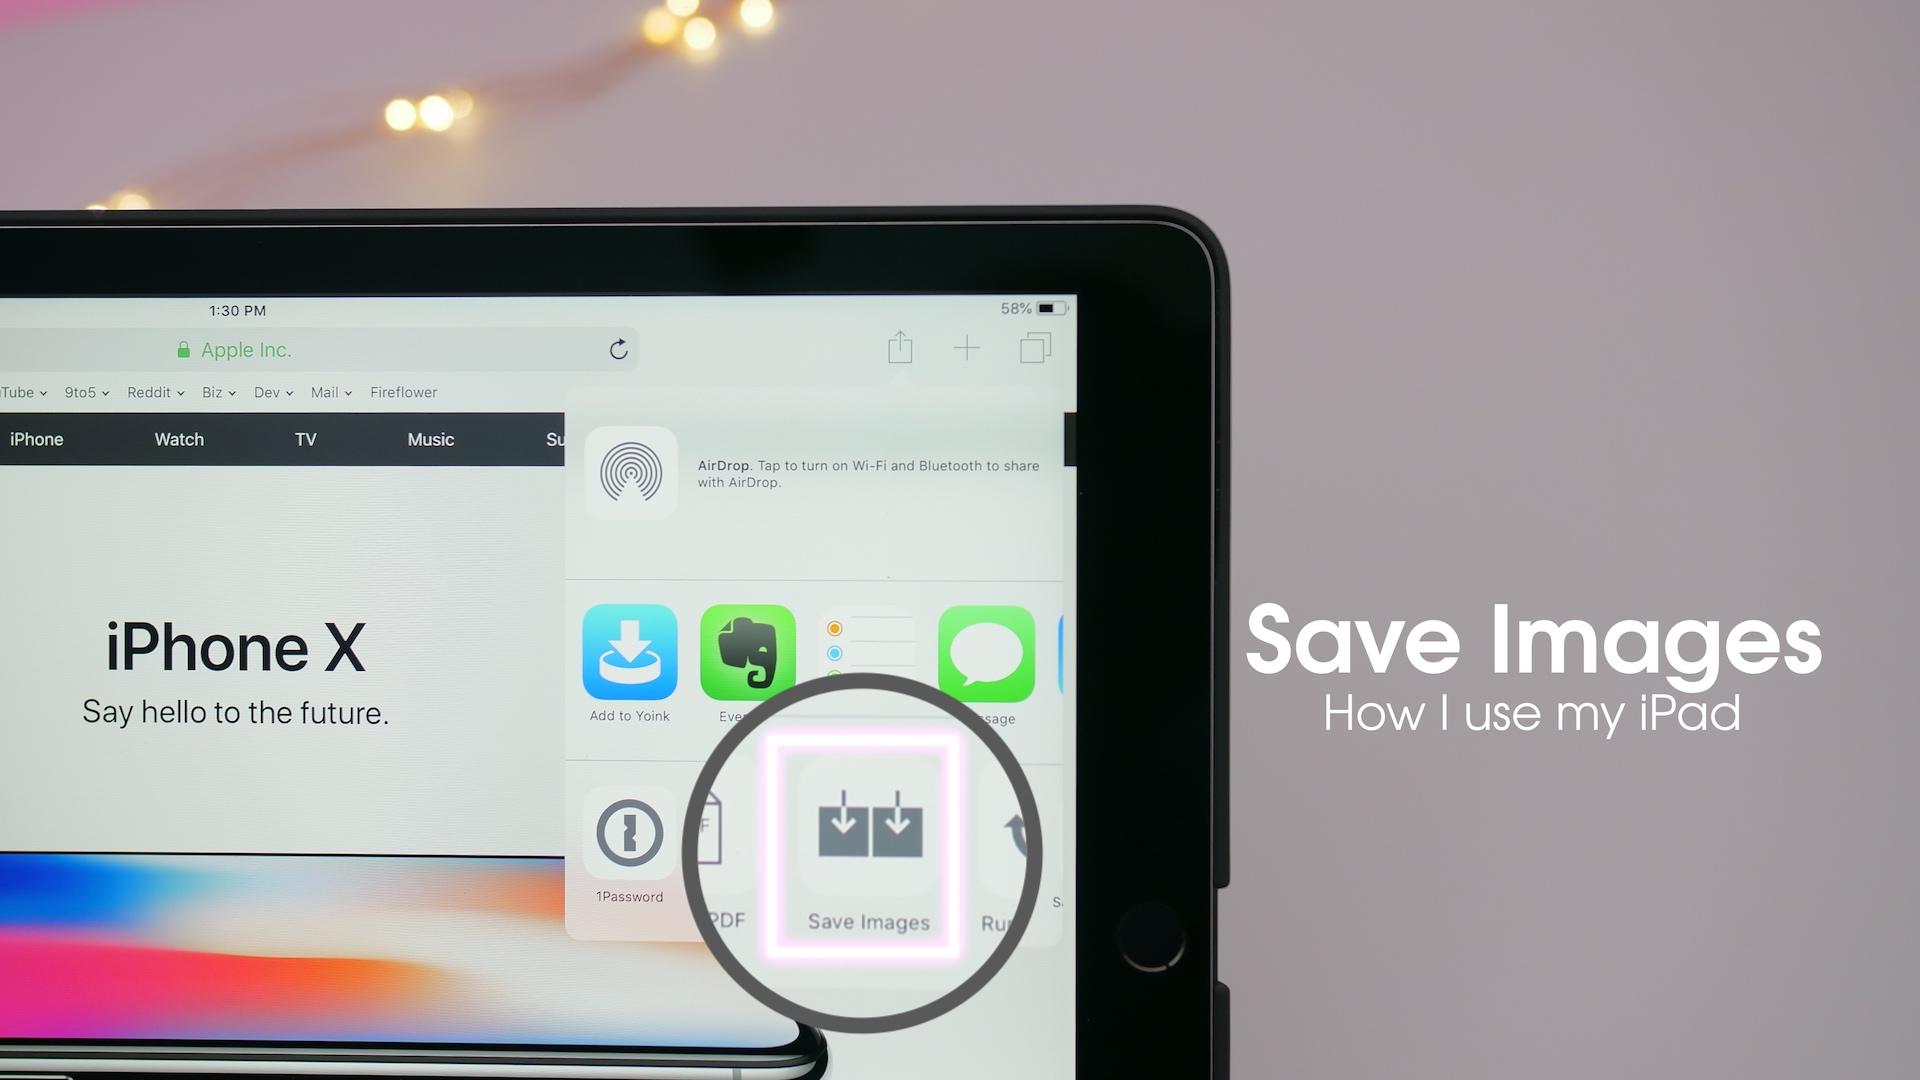 How I use my iPad: Save Images - a free Safari image